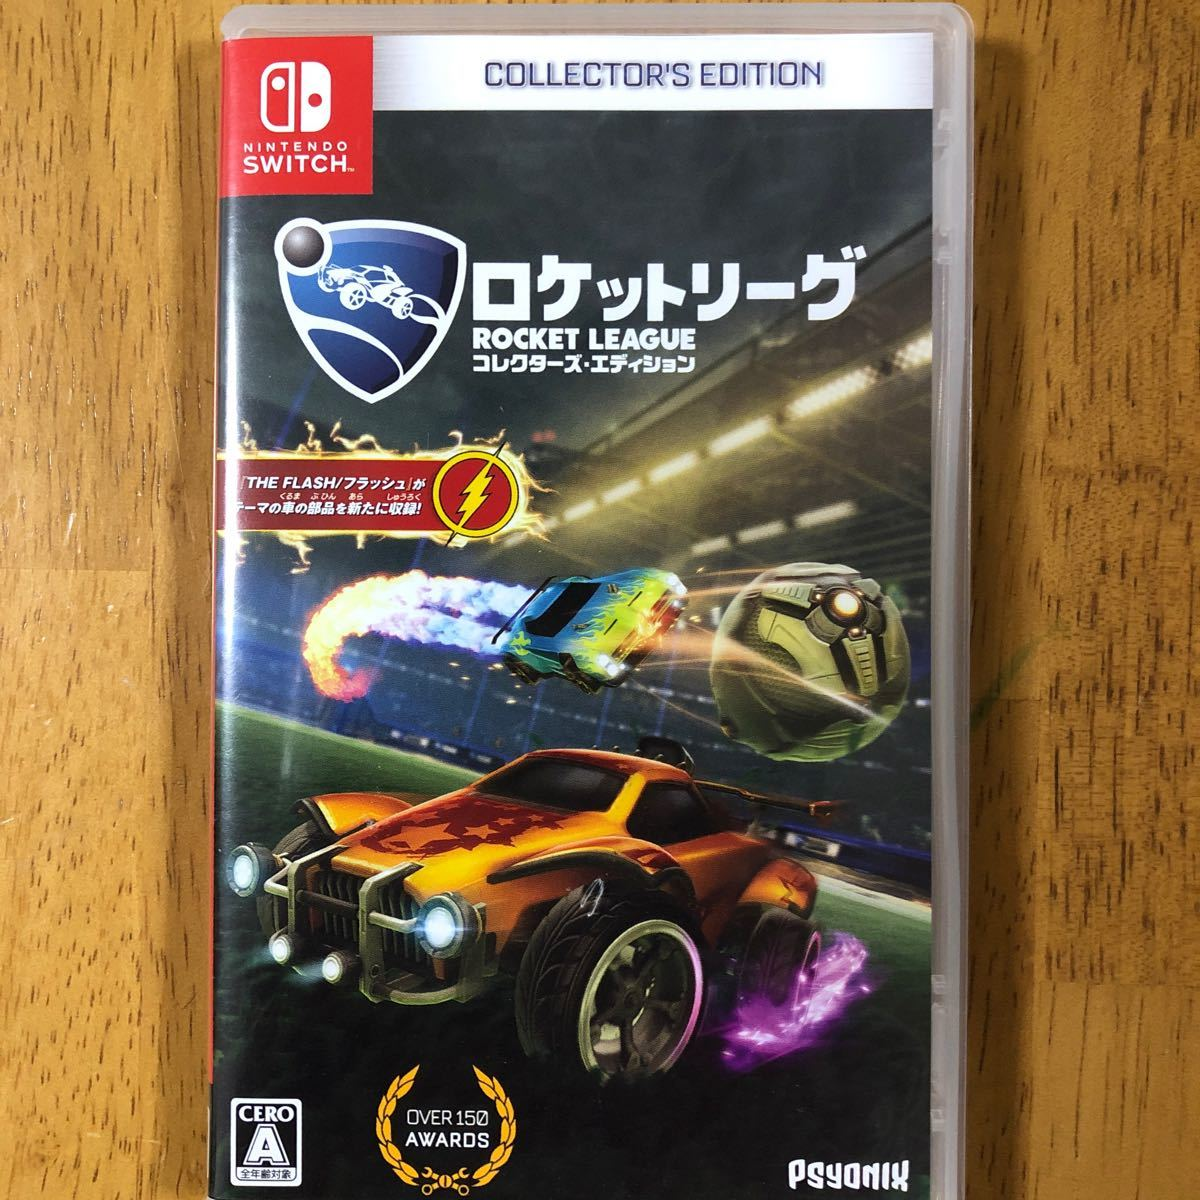 【Switch】 ロケットリーグ コレクターズ・エディション